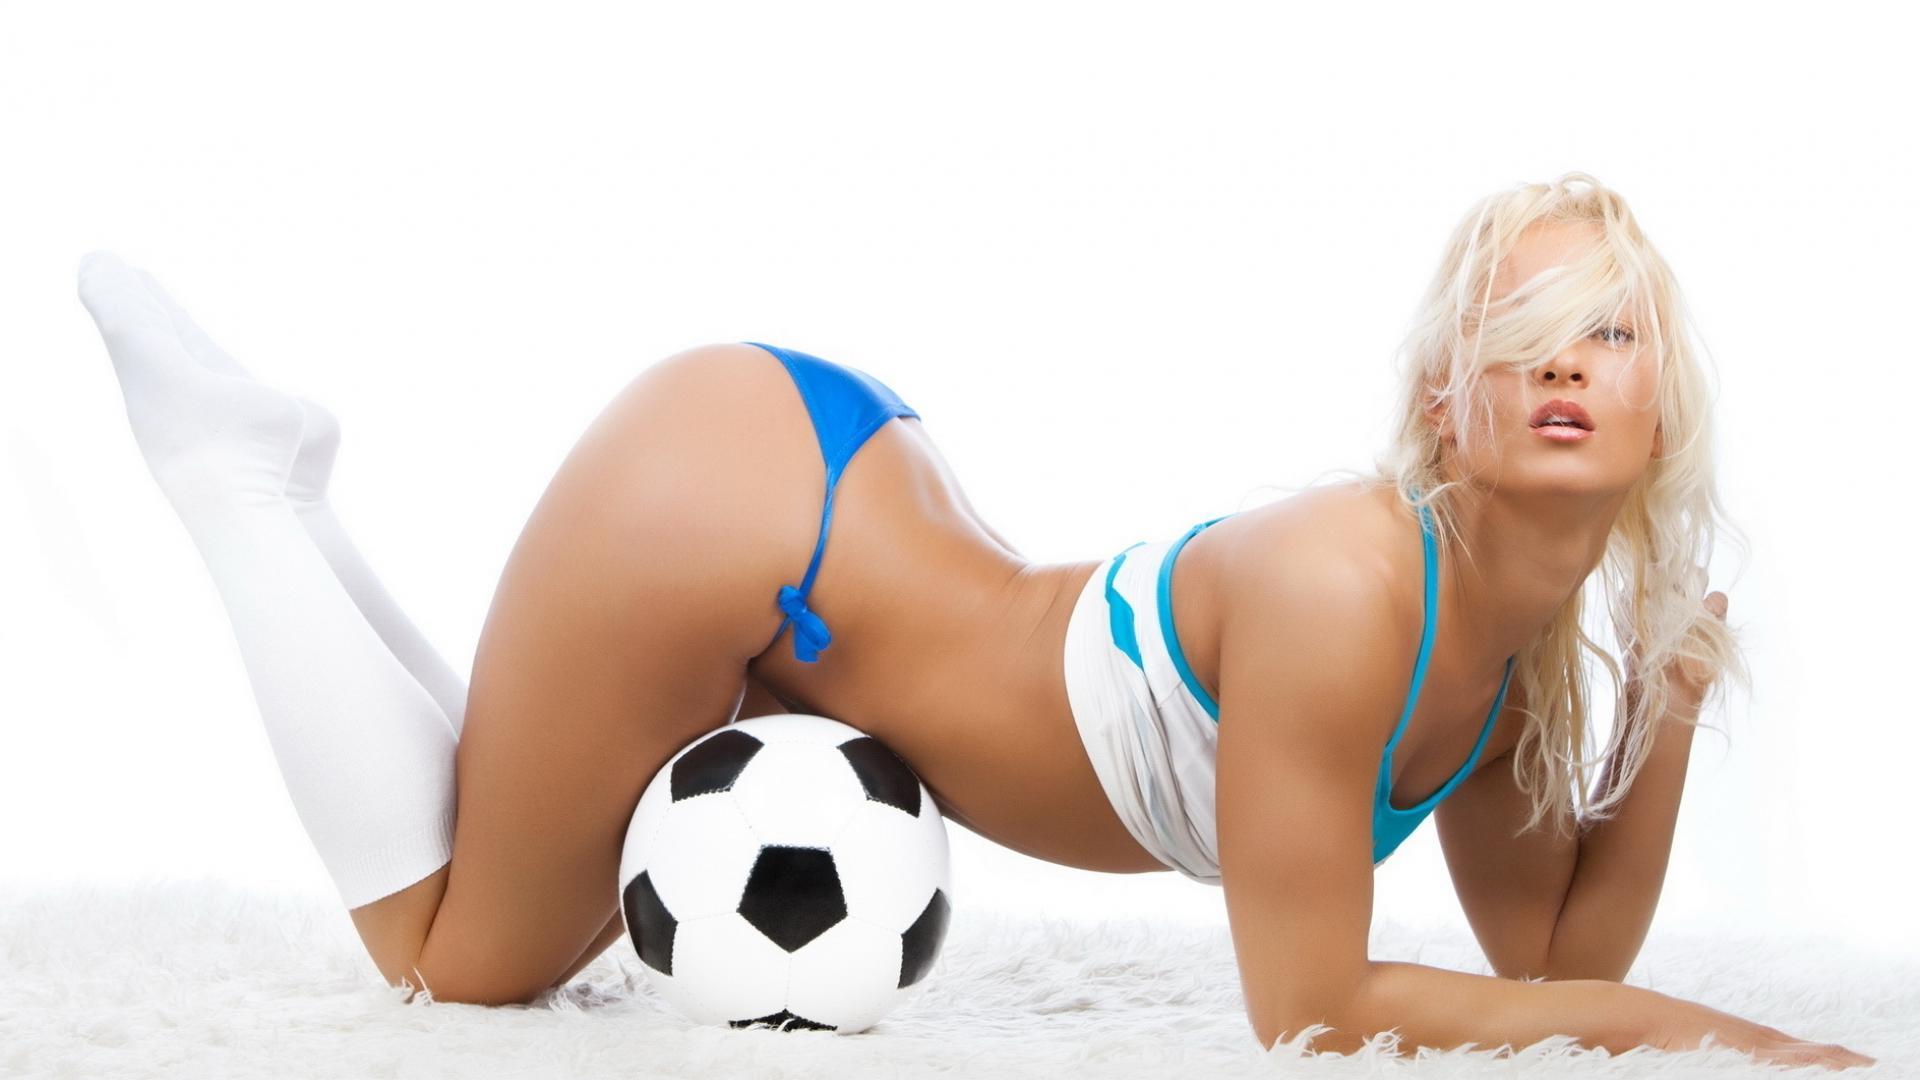 Девушка и футбольный мяч, секси, футбол, обои для рабочего стола